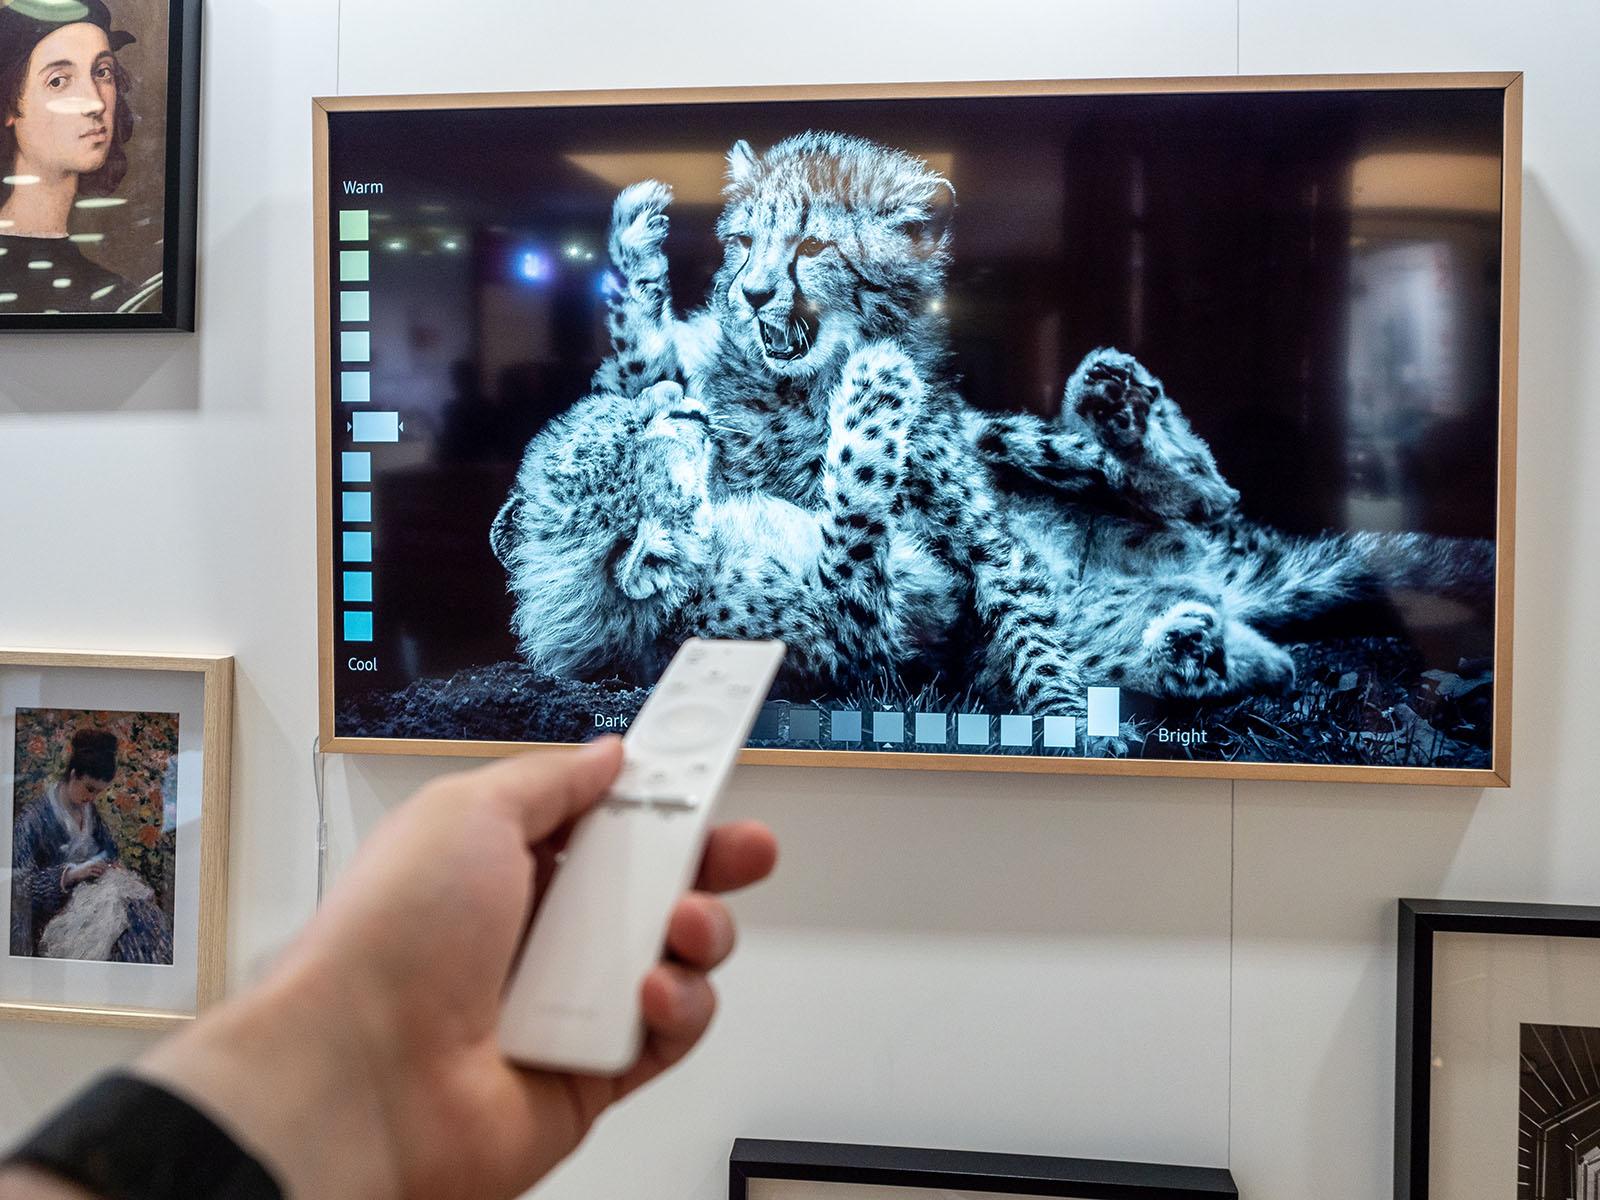 Samsung The Frame 2018 Dieser Bildhübsche Design Fernseher Hat